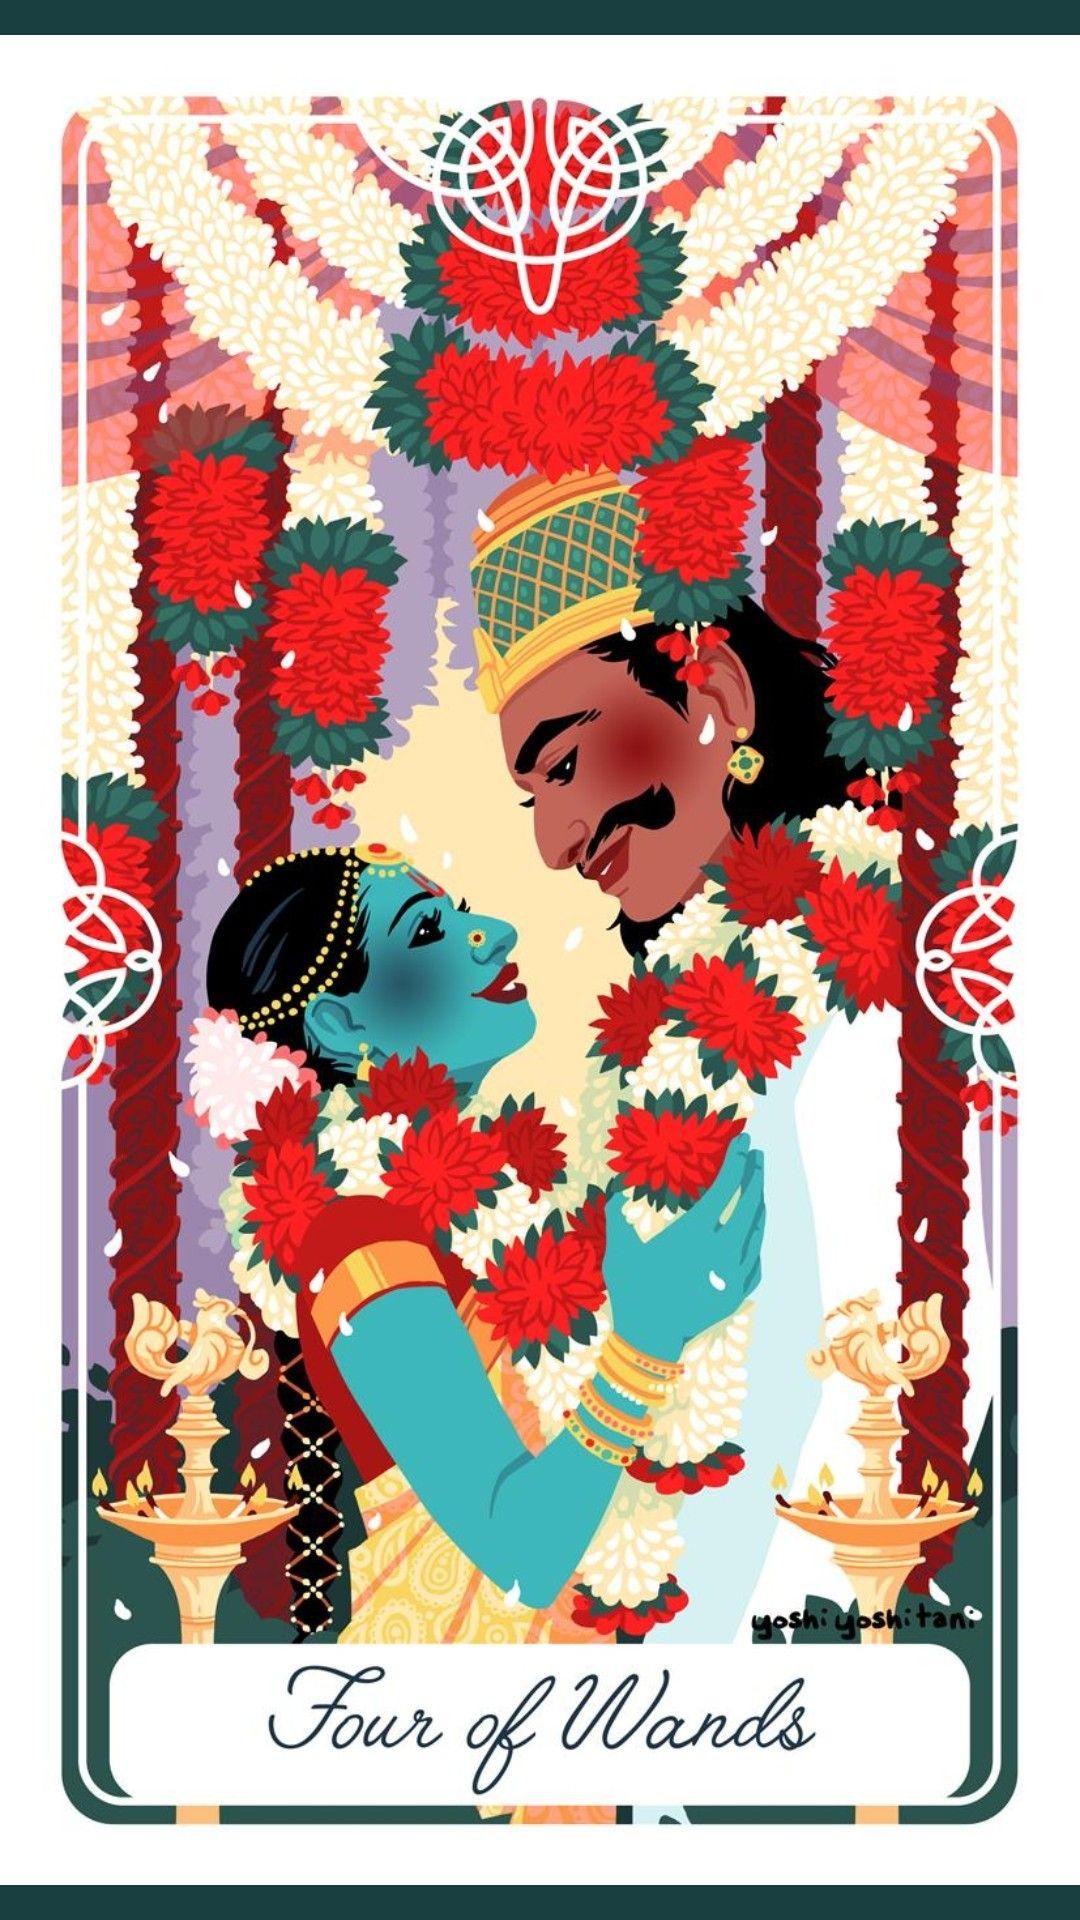 Pin by Elena Frugoni on Tarot Yoshi Yoshitani   Tarot cards art ...